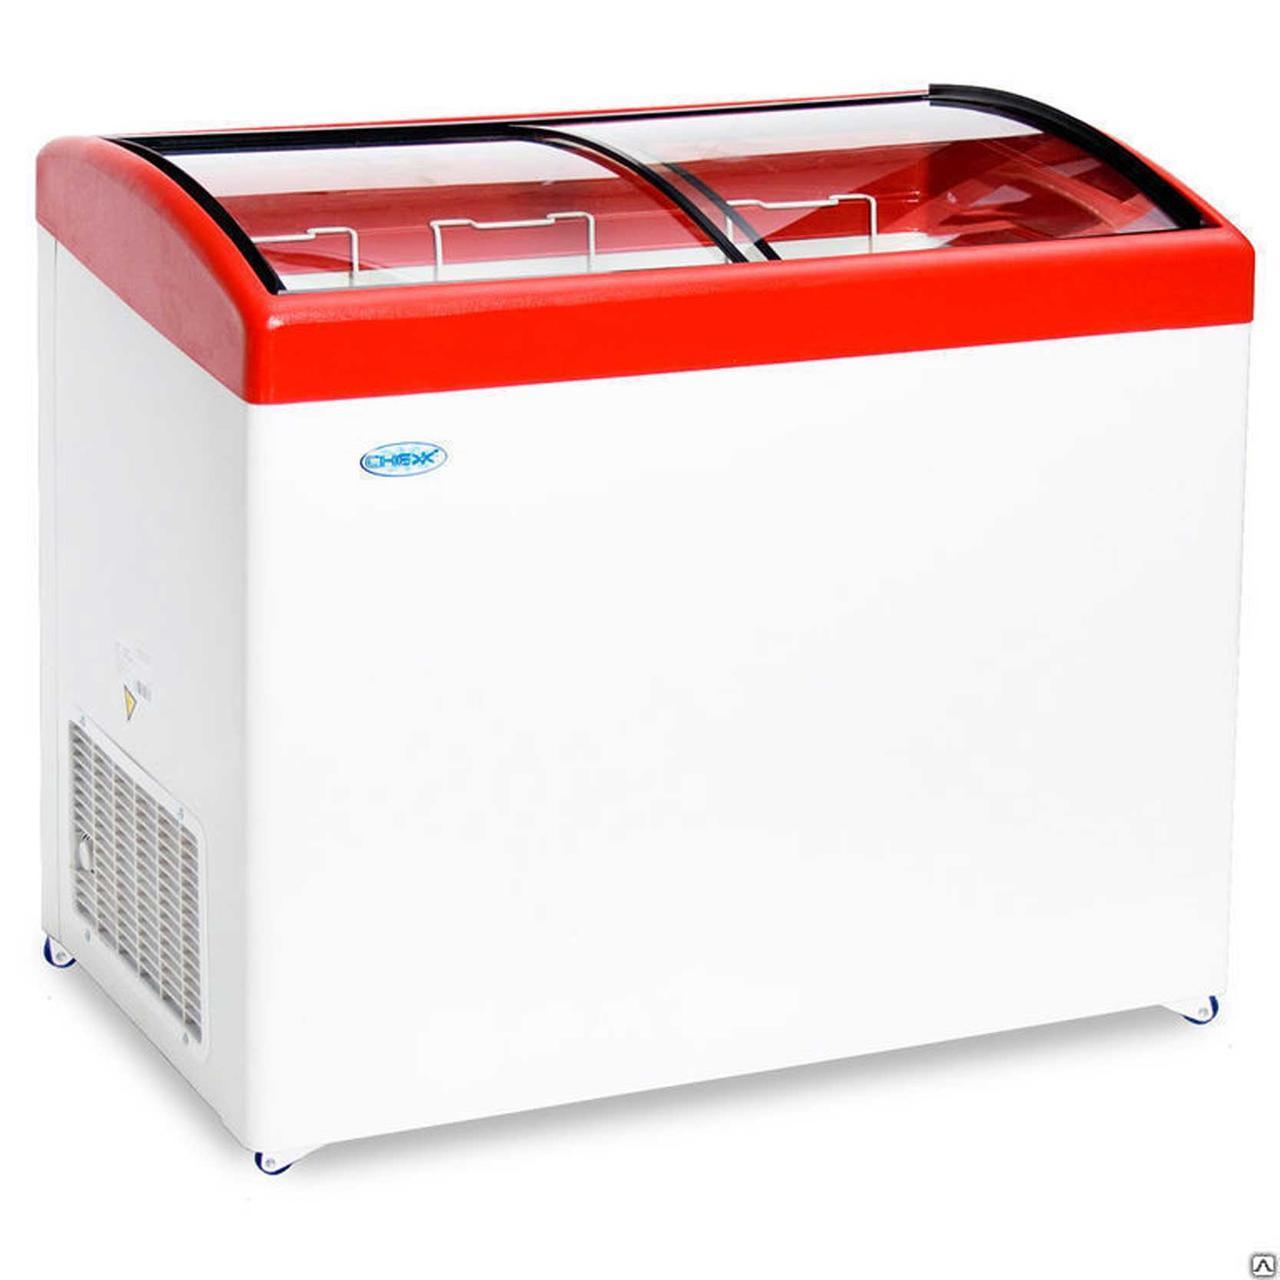 Ларь морозильный Снеж МЛГ-250 красный